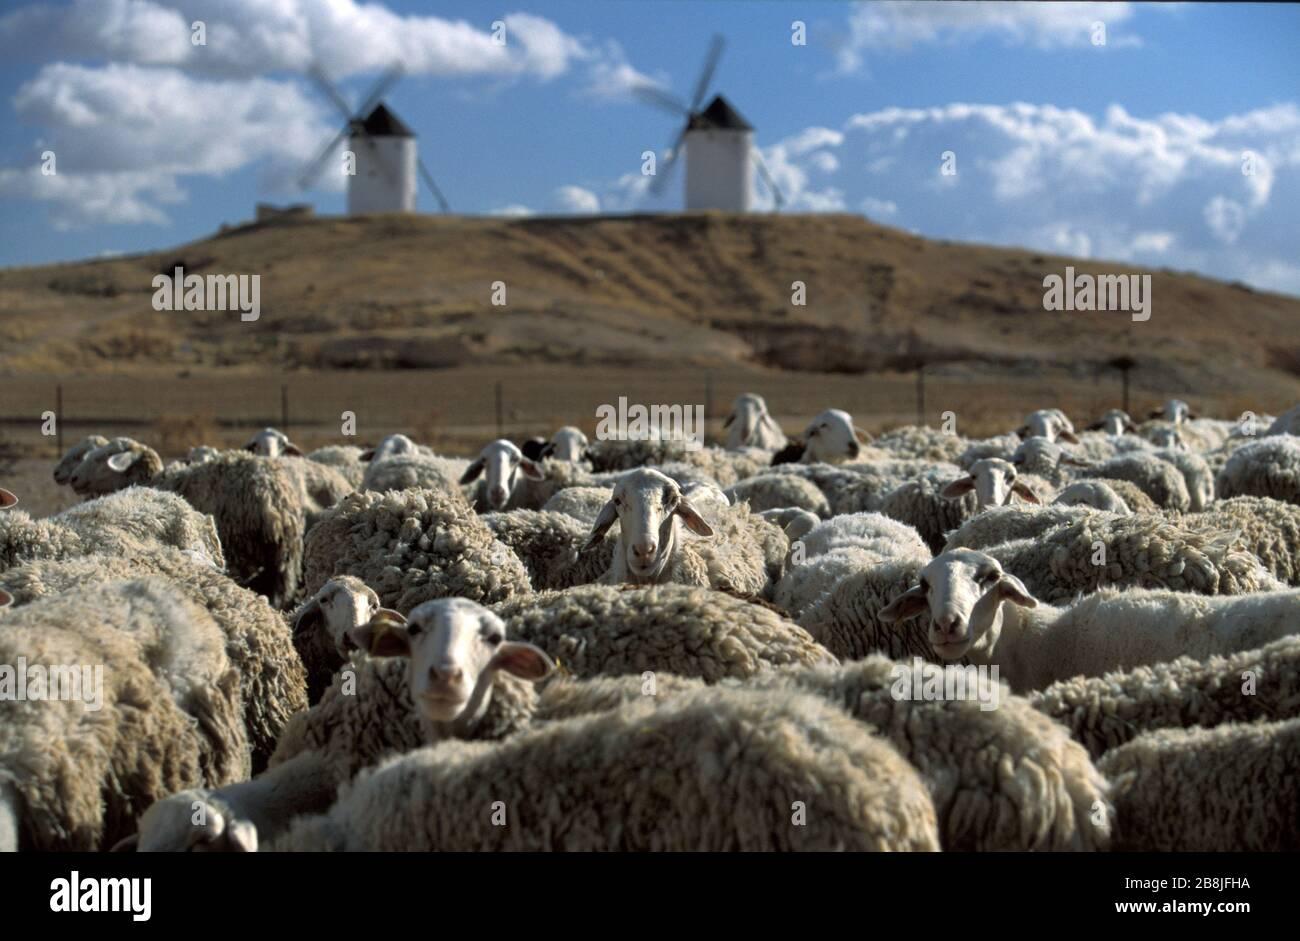 flock-of-sheep-in-a-castilian-landscape-